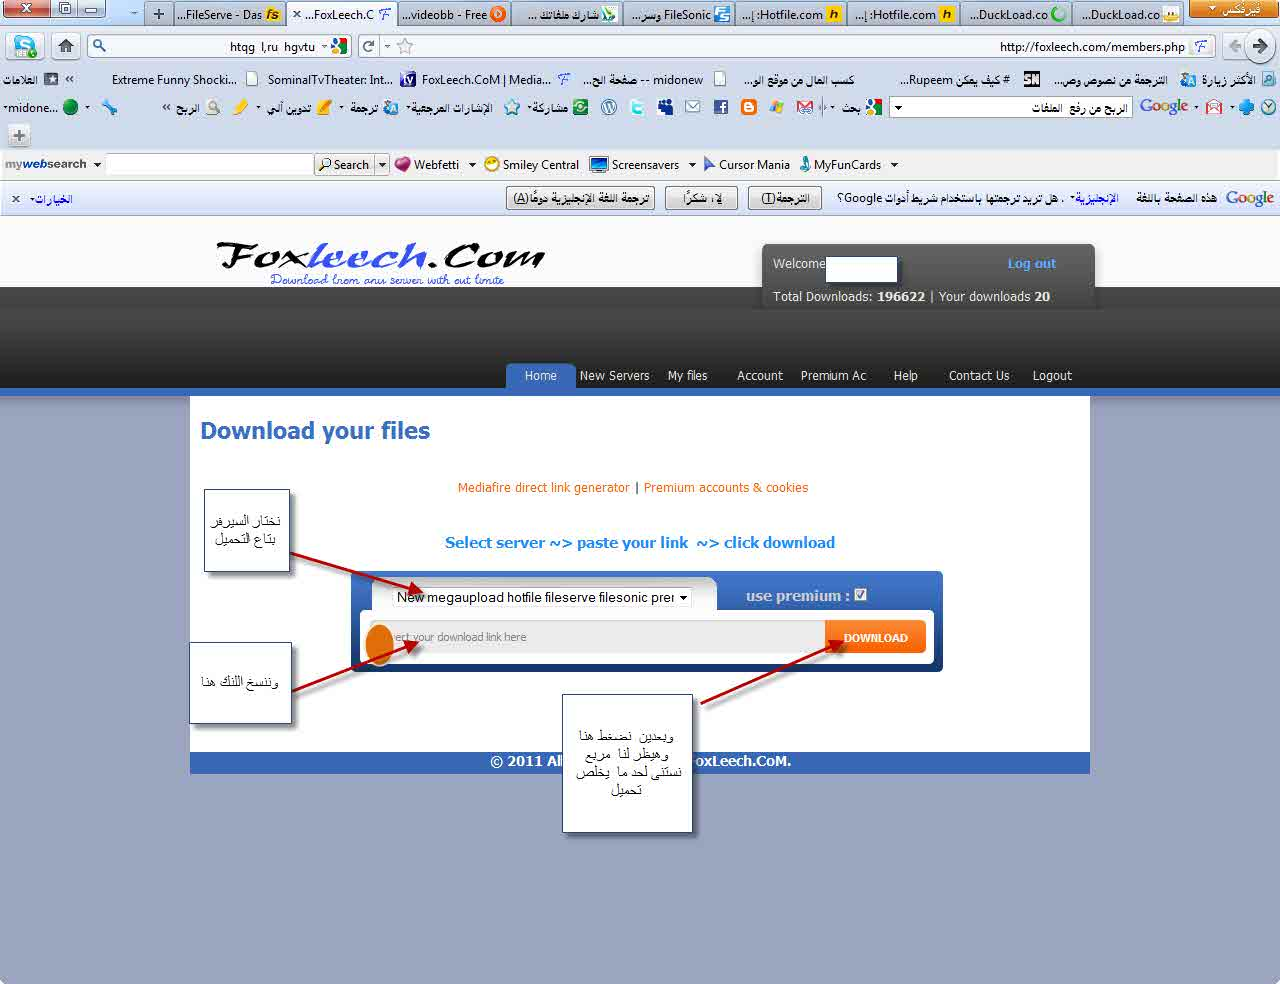 http://4.bp.blogspot.com/-wN8m6__lY-o/TcwvwqO_N_I/AAAAAAAAKGQ/vp1TVFJdBIc/s1600/12-05-2011%2B10-03-17%2B%25D9%2585.jpg